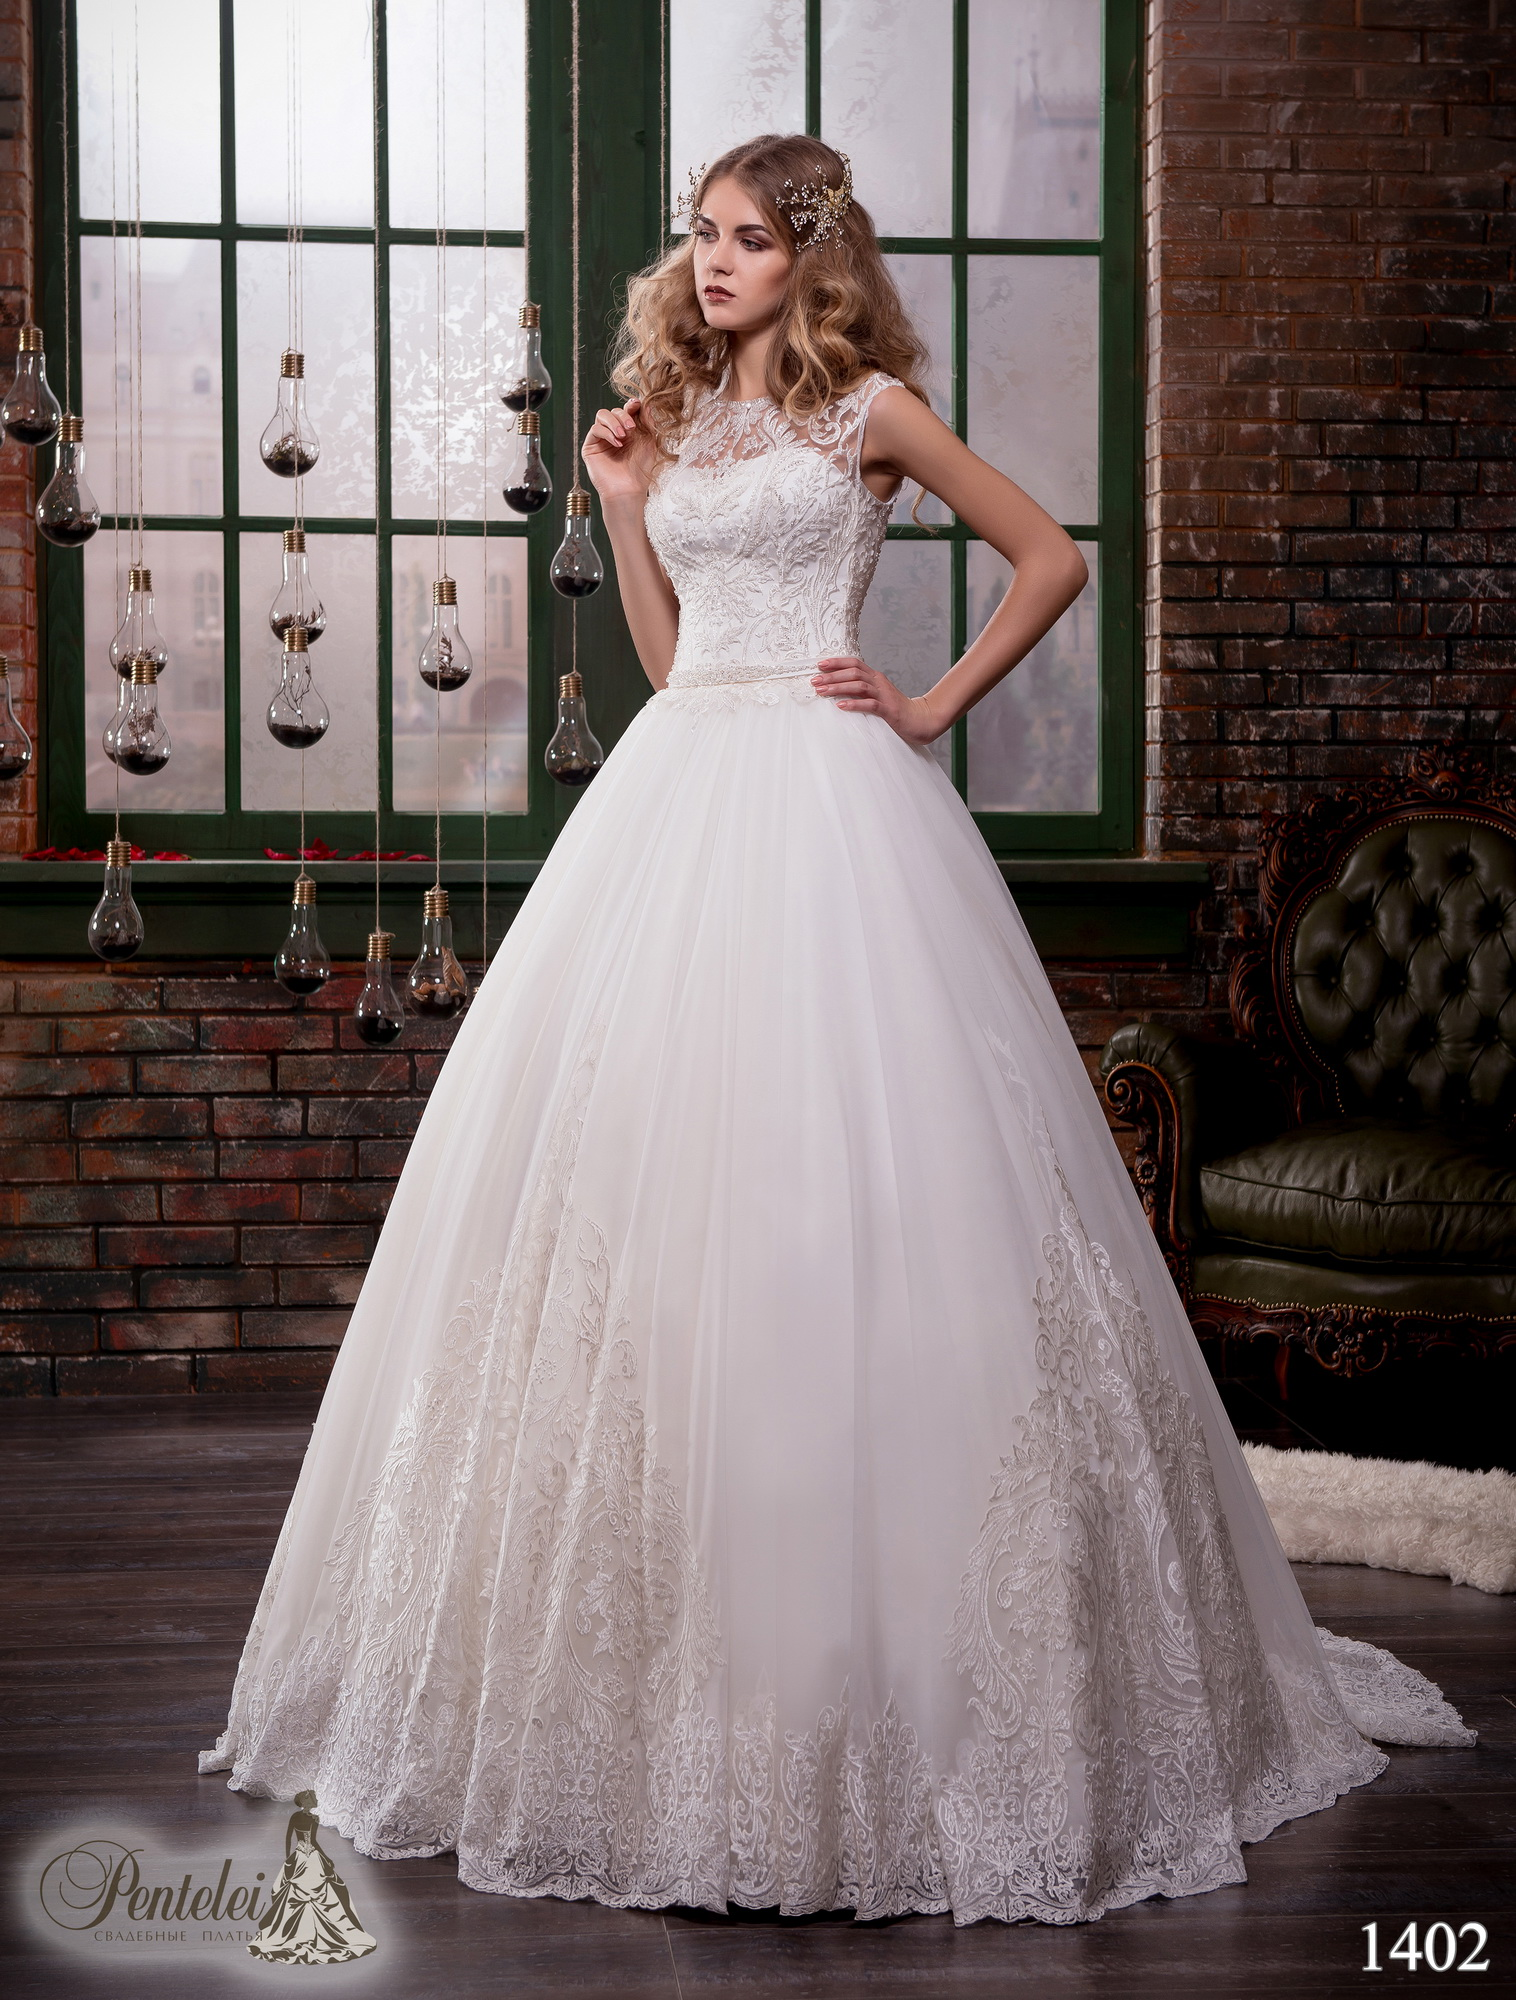 1402 | Купить свадебные платья оптом от Pentelei